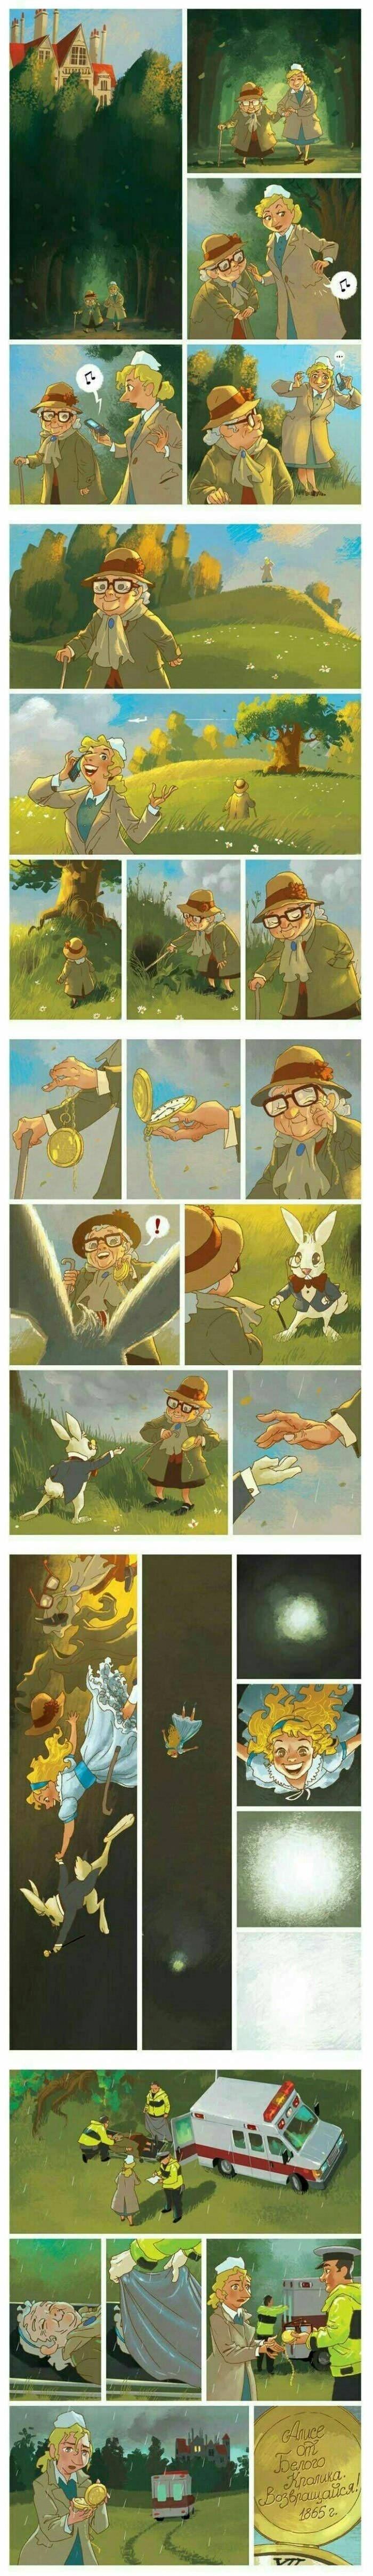 comic de una historia alternativa de alicia en el pais de las maravillas